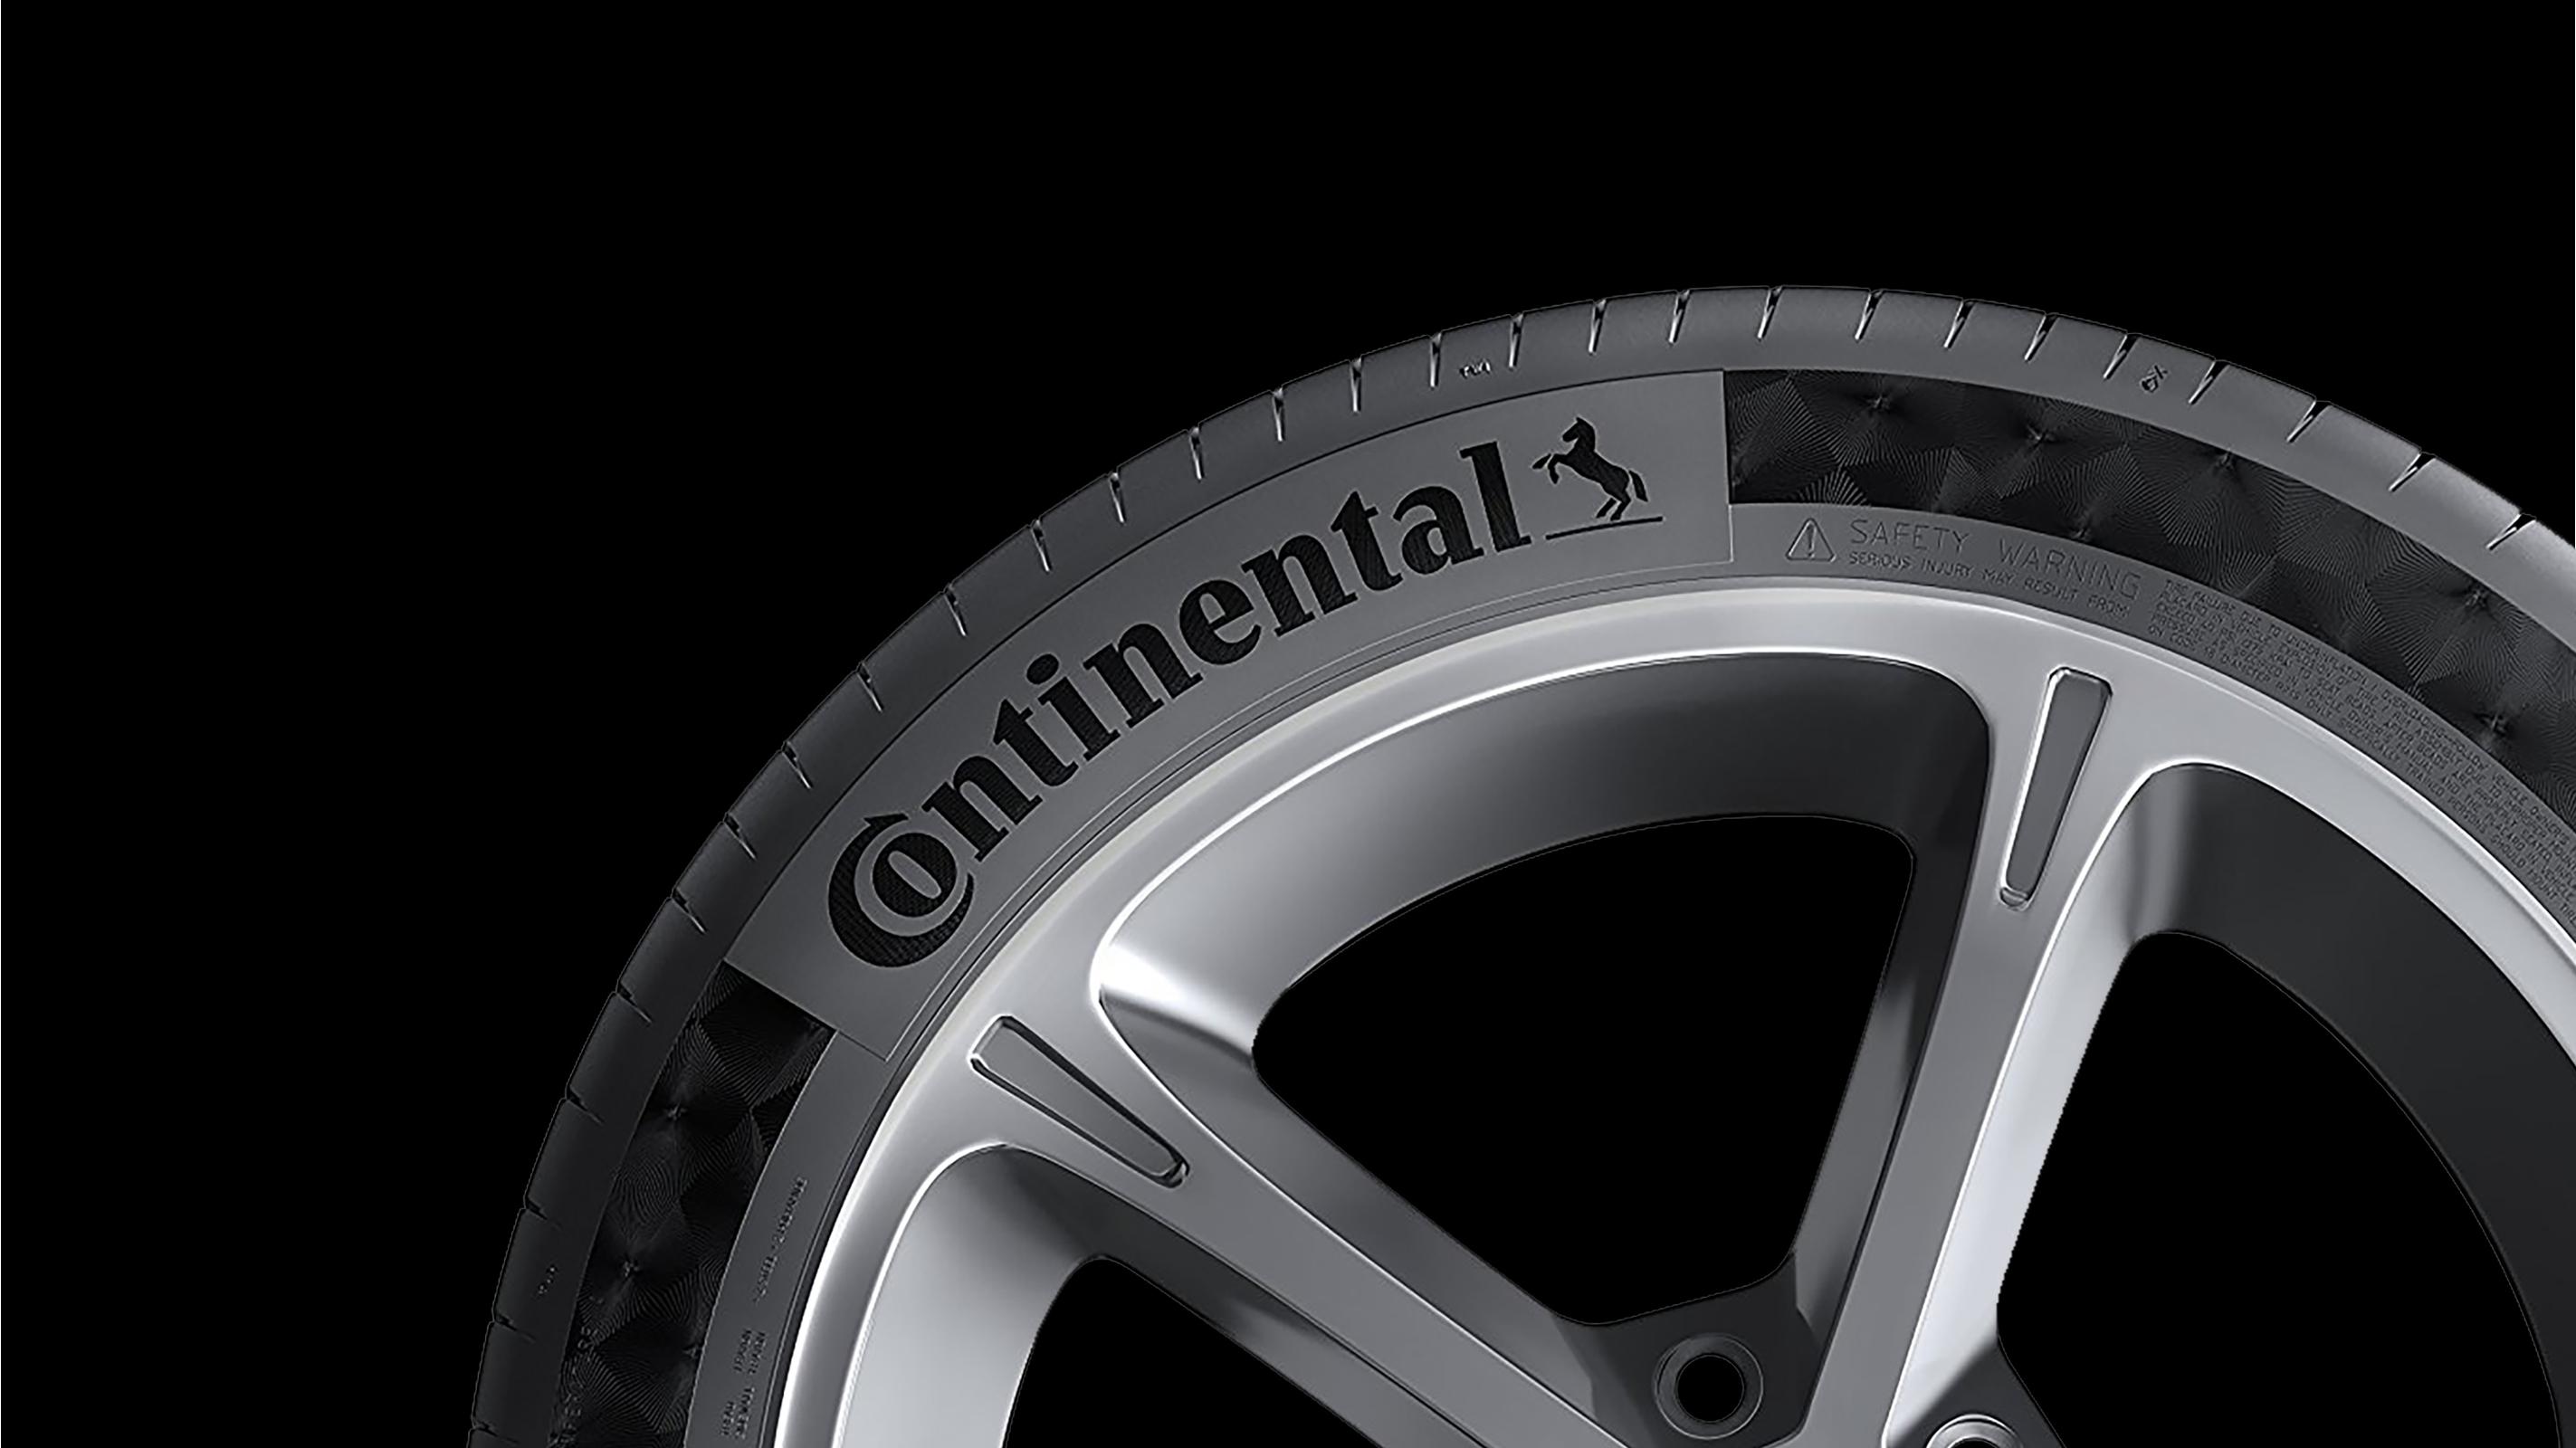 Continental Rebranding – Poarangan Brand Design3